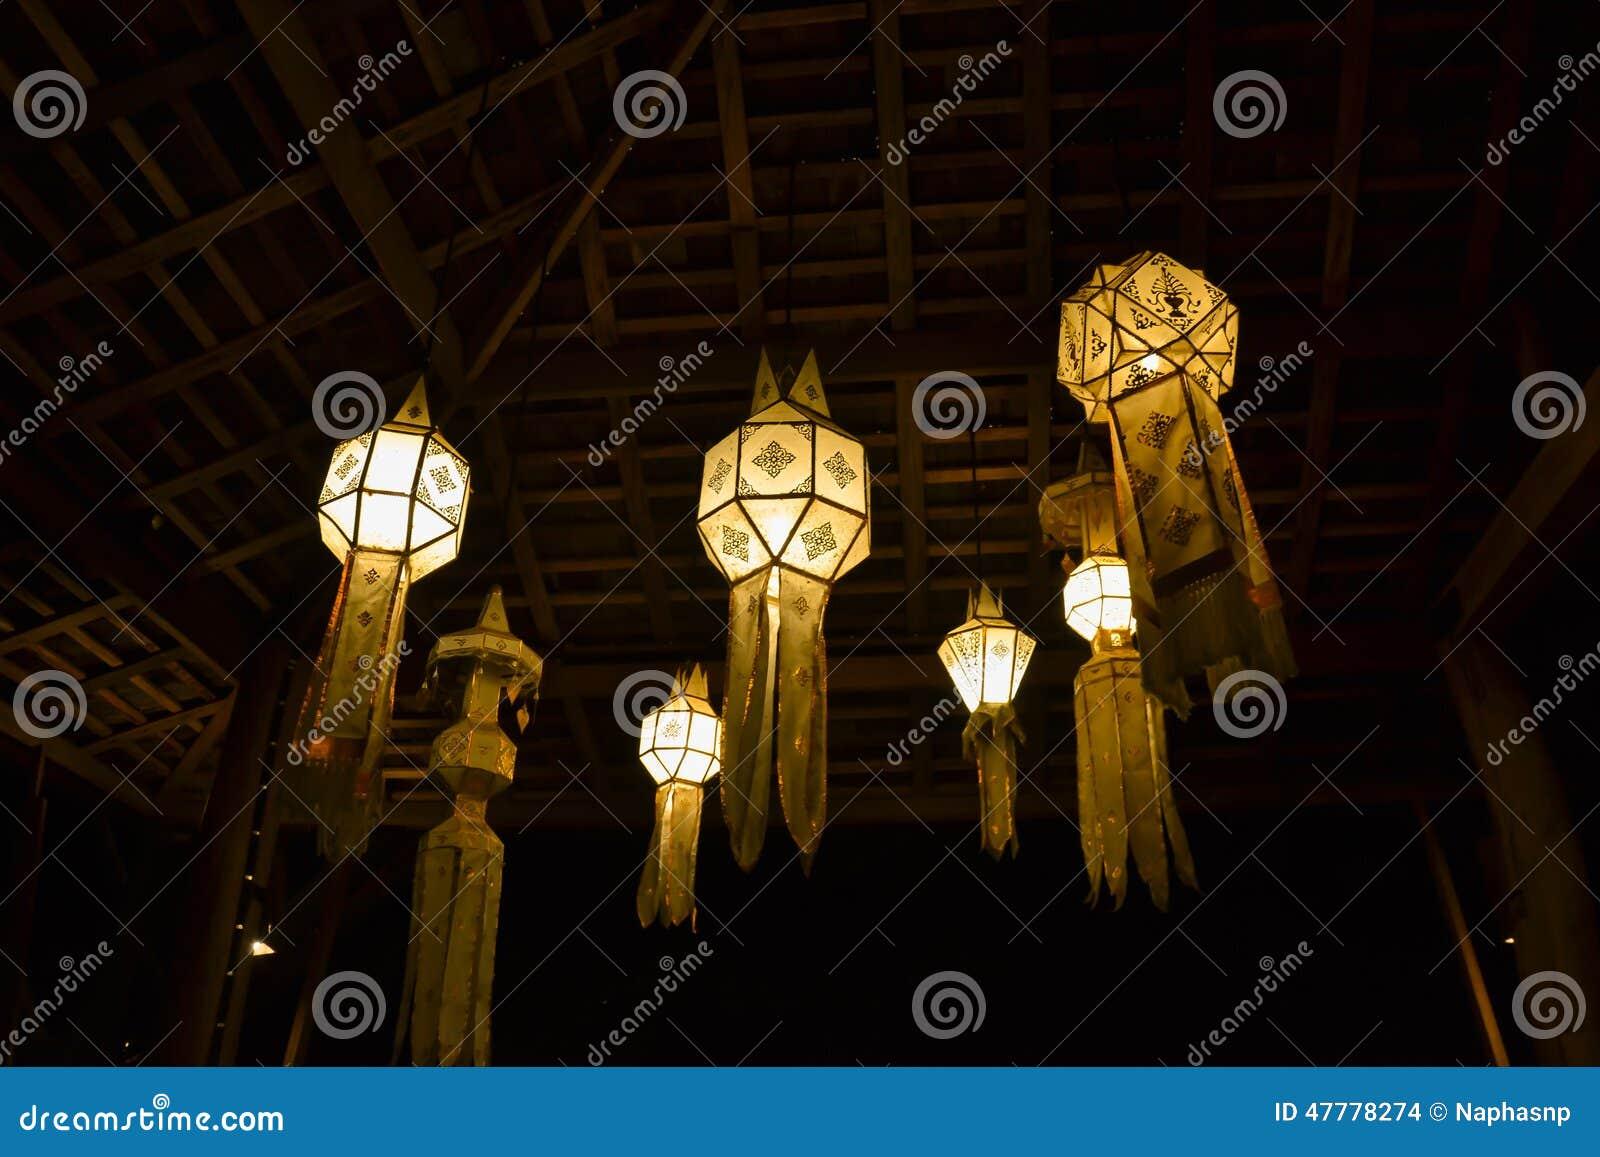 Lampade Da Tavolo Fatte A Mano: Da tavolo in ottone liberty con vetro tiffany realizzato a mano ...